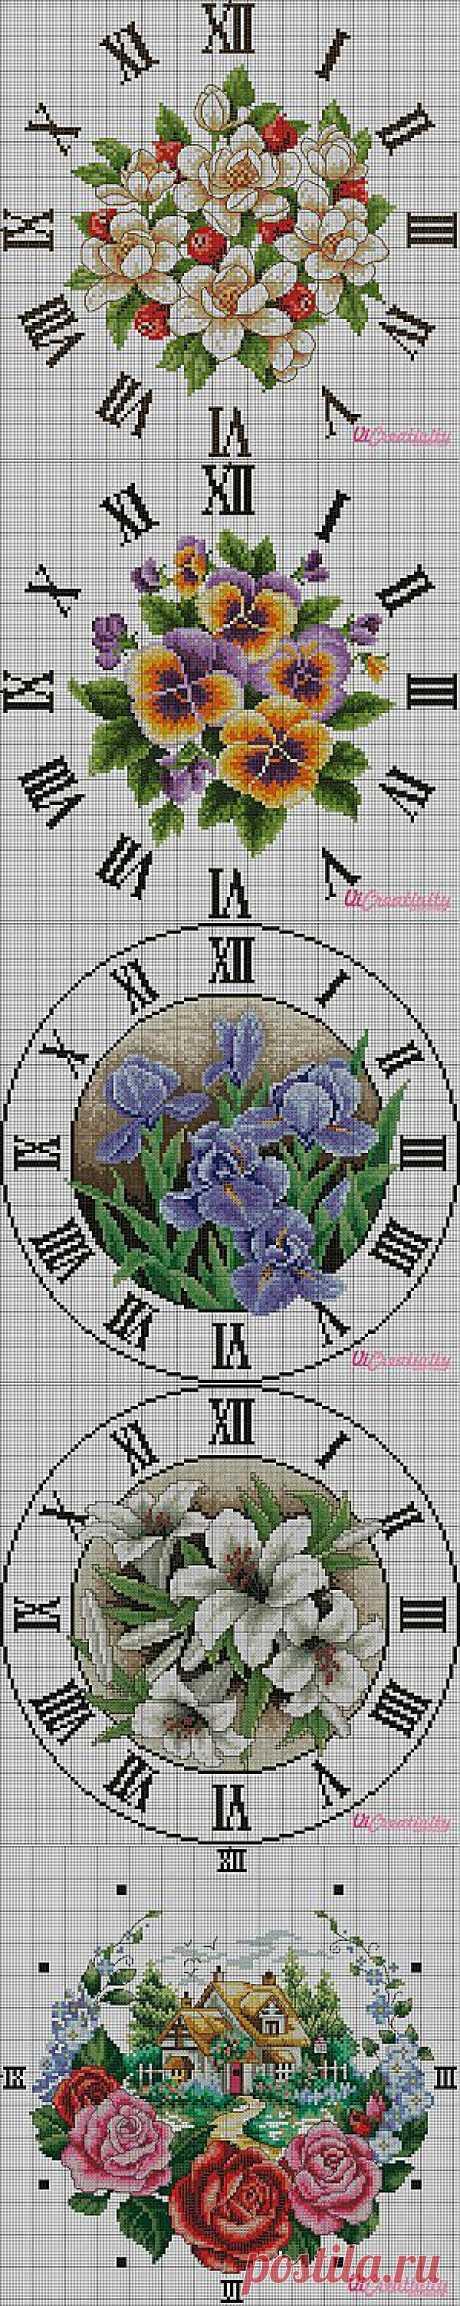 Часы с цветами (подборка бесплатных схем) | Все о рукоделии - мастер классы, инструкции, пошаговые фото